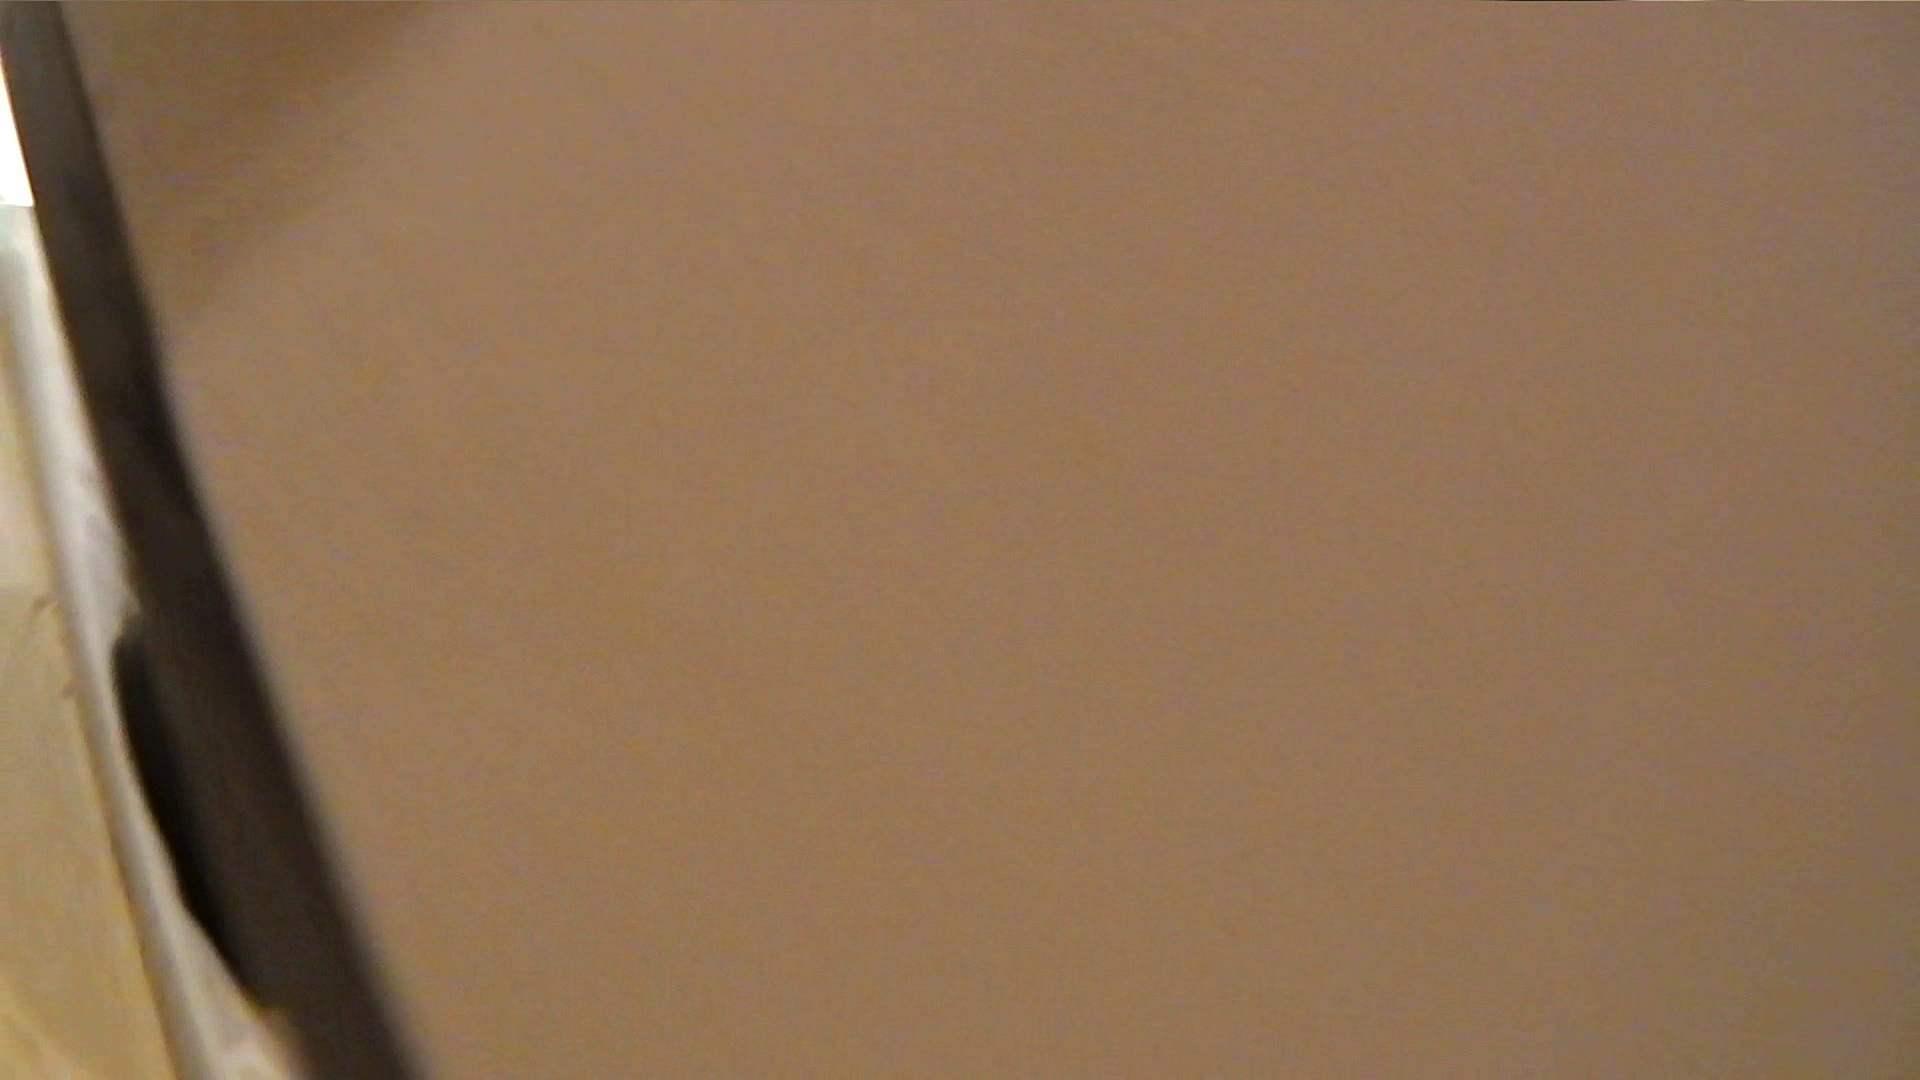 洗寿観音さんの 化粧室は四面楚歌Nol.6 ギャル達 われめAV動画紹介 96枚 2